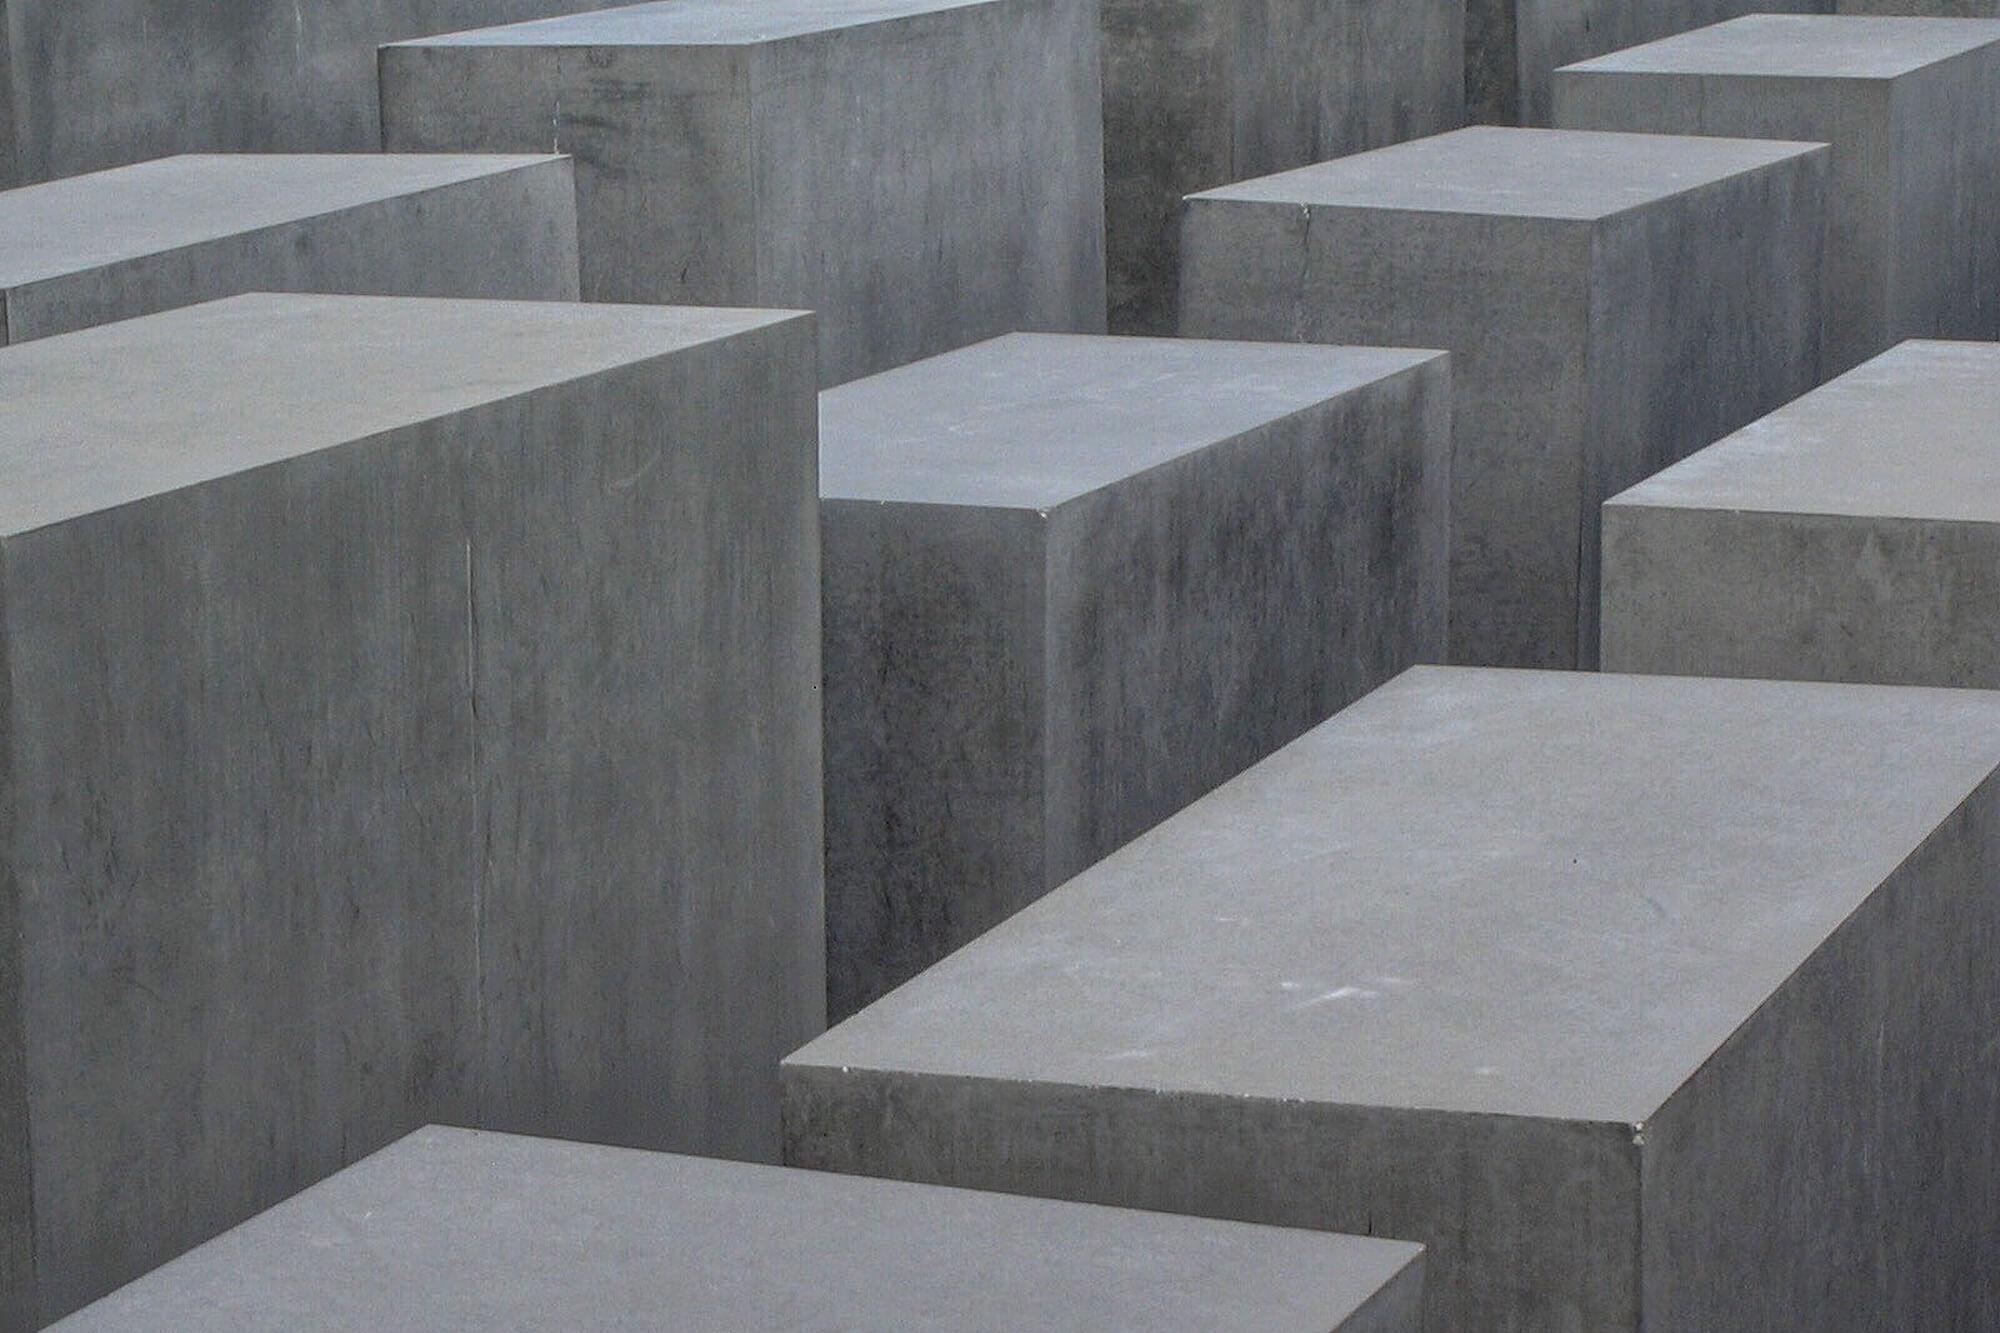 Zu den Hintergründen des 27. Januar, der nicht nur in Deutschland, sondern auch international als Holocaust-Gedenktag begangen wird.